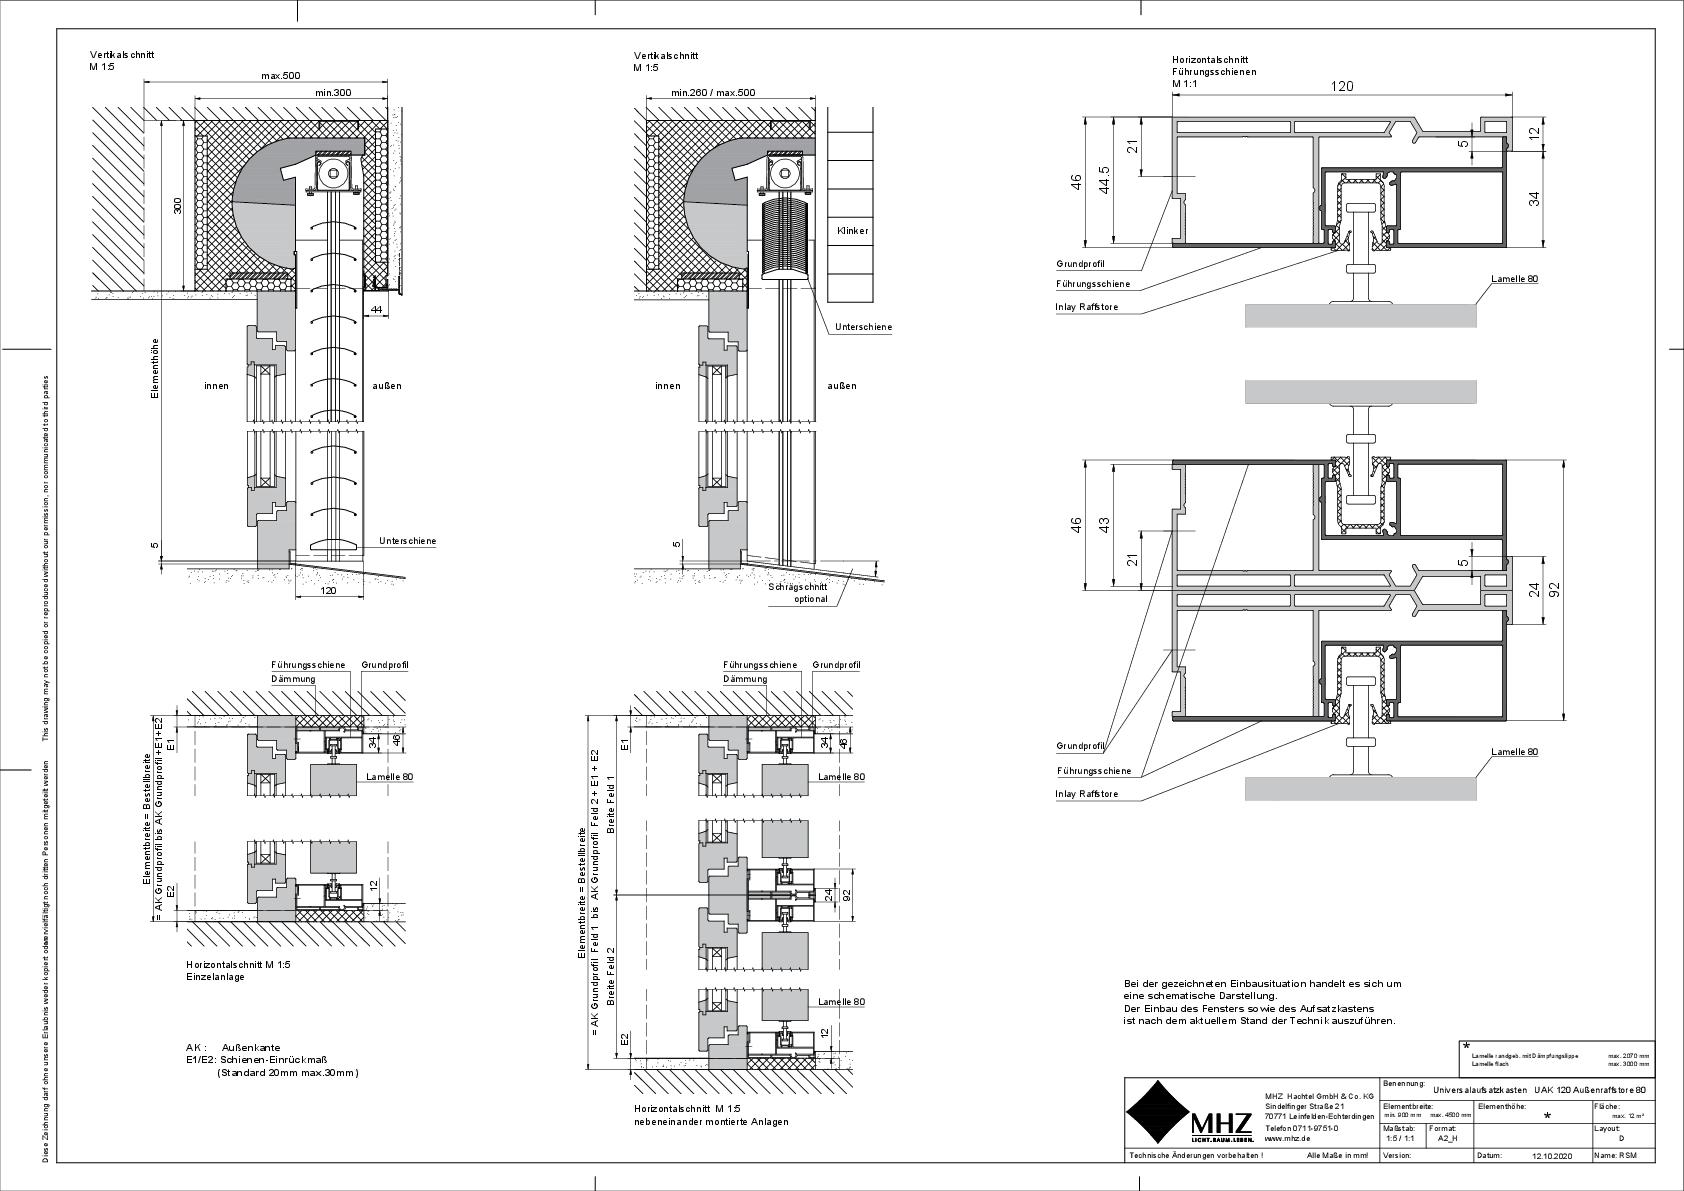 Technische Zeichnung Aufsatzkasten UAK_120 Außenraffstore 80 (dwg)